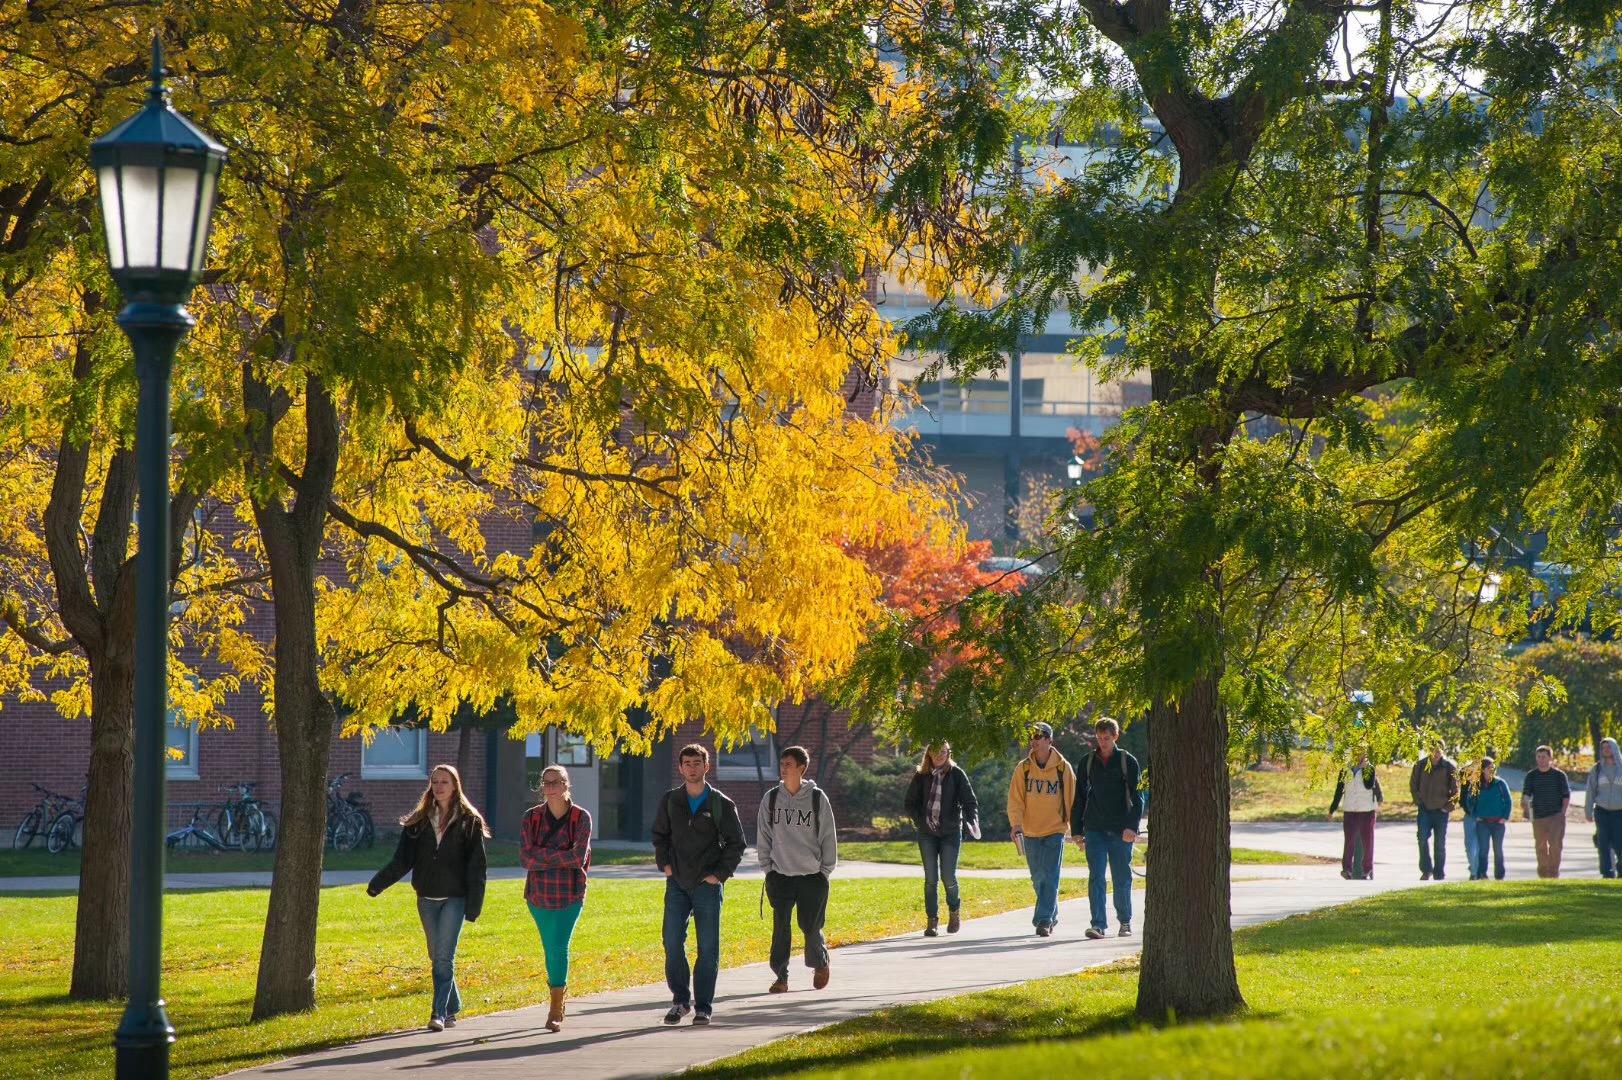 美国留学常春藤大学申请条件详解,你真的准确掌握了吗?